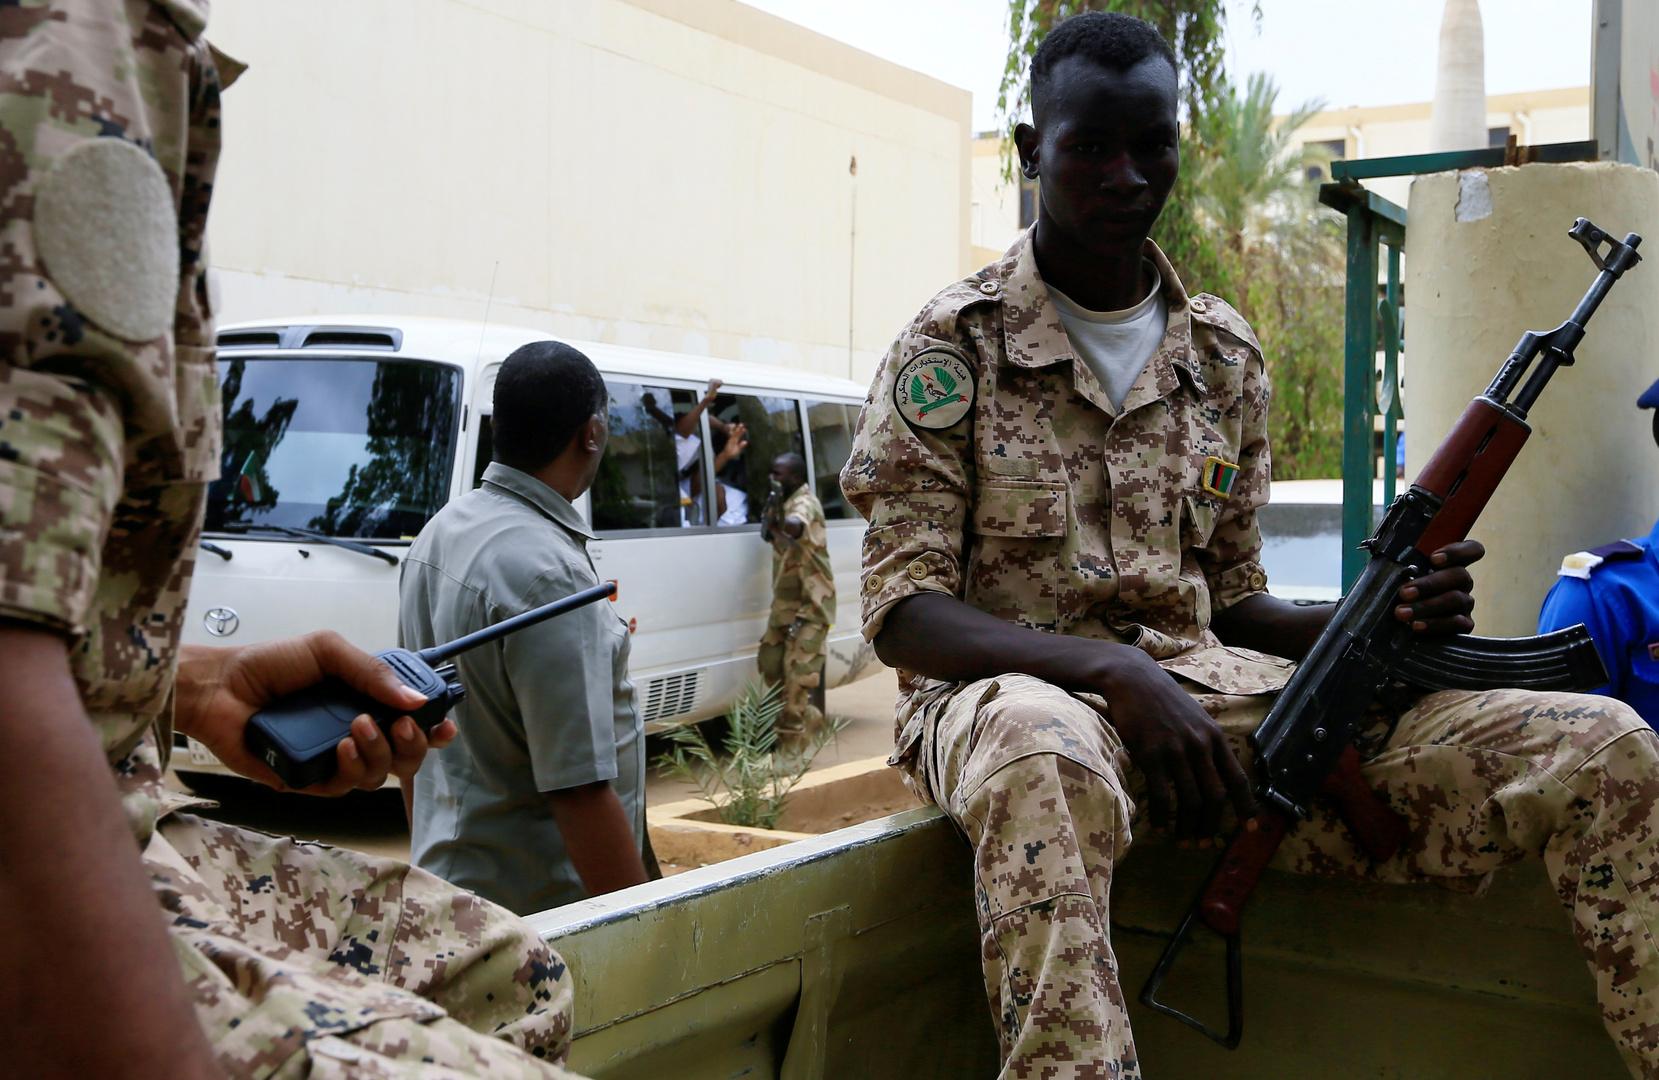 حمدوك يصدر جملة قرارات بعد الأحداث الدموية التي شهدها شرق السودان